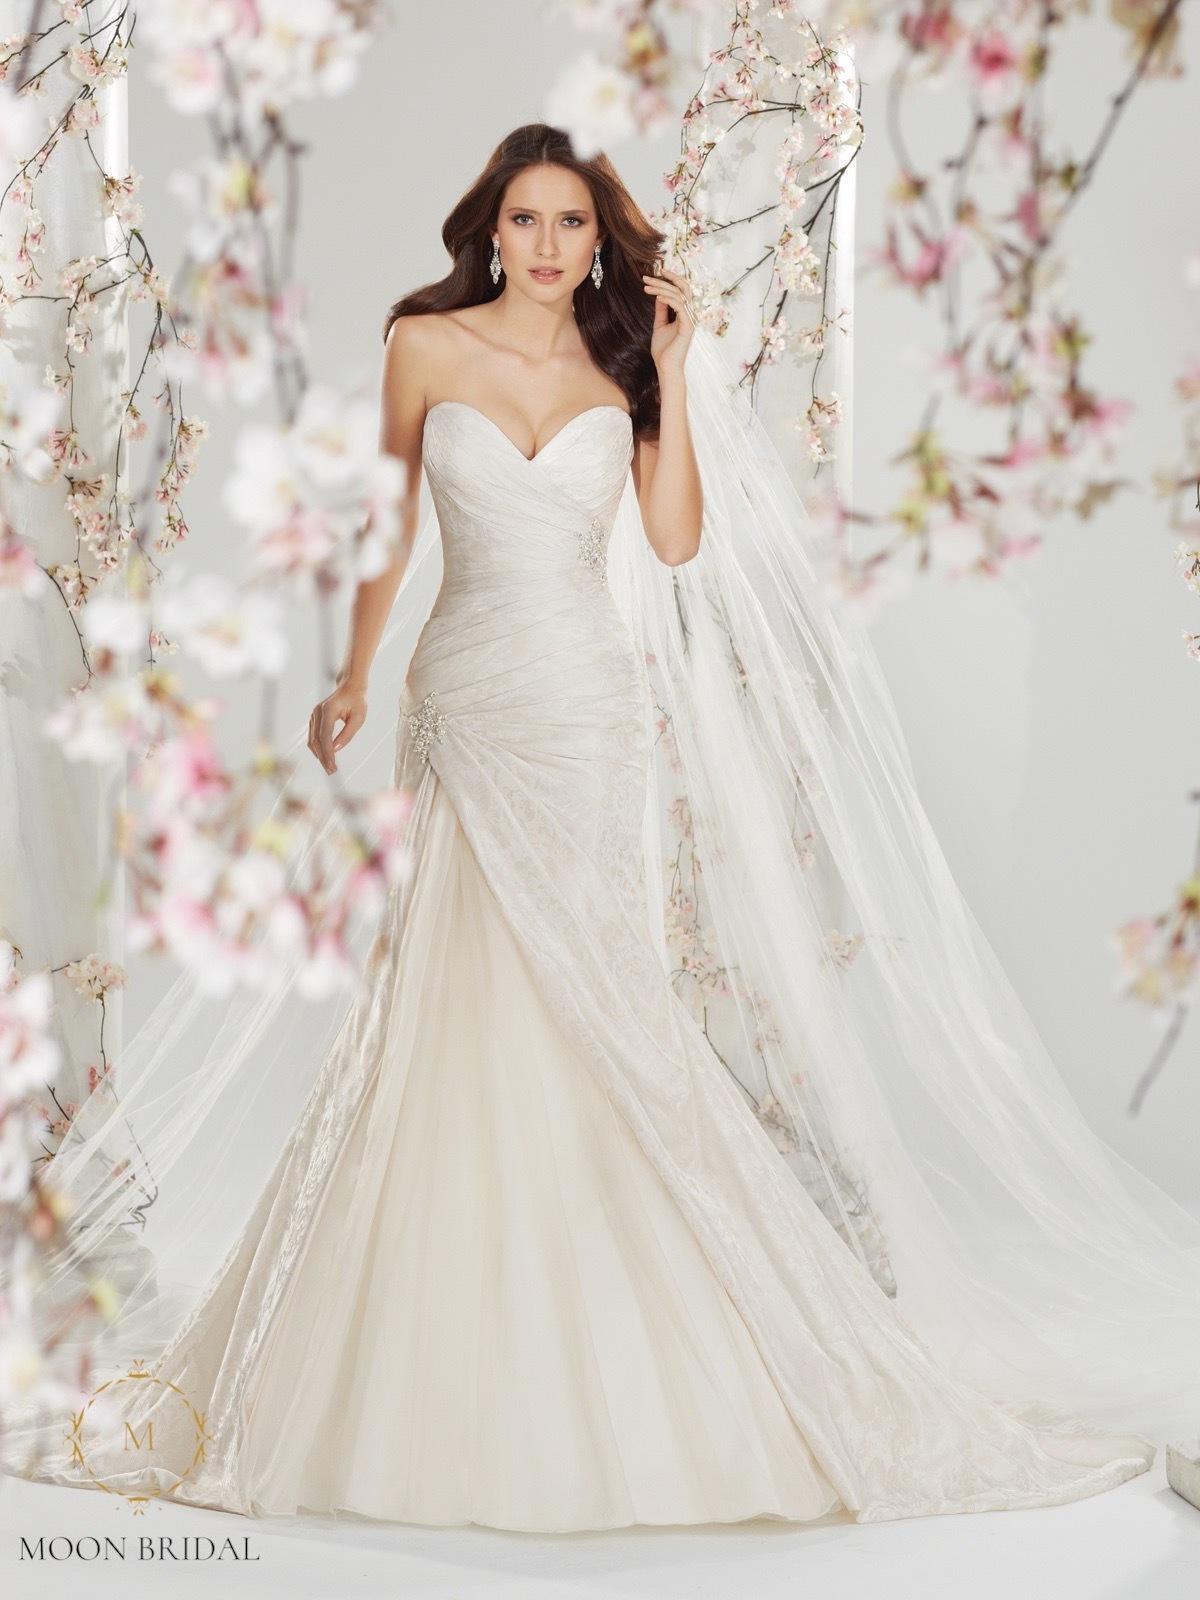 Mẫu váy cưới Cersei của nhà nổi tiếng thế giới Sophia Tolli là sự kết hợpgiữa kỹ thuật xếp nếp, phom dáng chữ A mềm mại và chất liệu gấm brocade cao cấp. Hai chiếc brooch pha lê cao cấp ở eo và hông giúp chiếc váy có thêm điểm nhấn nữ tính, điệu đà.